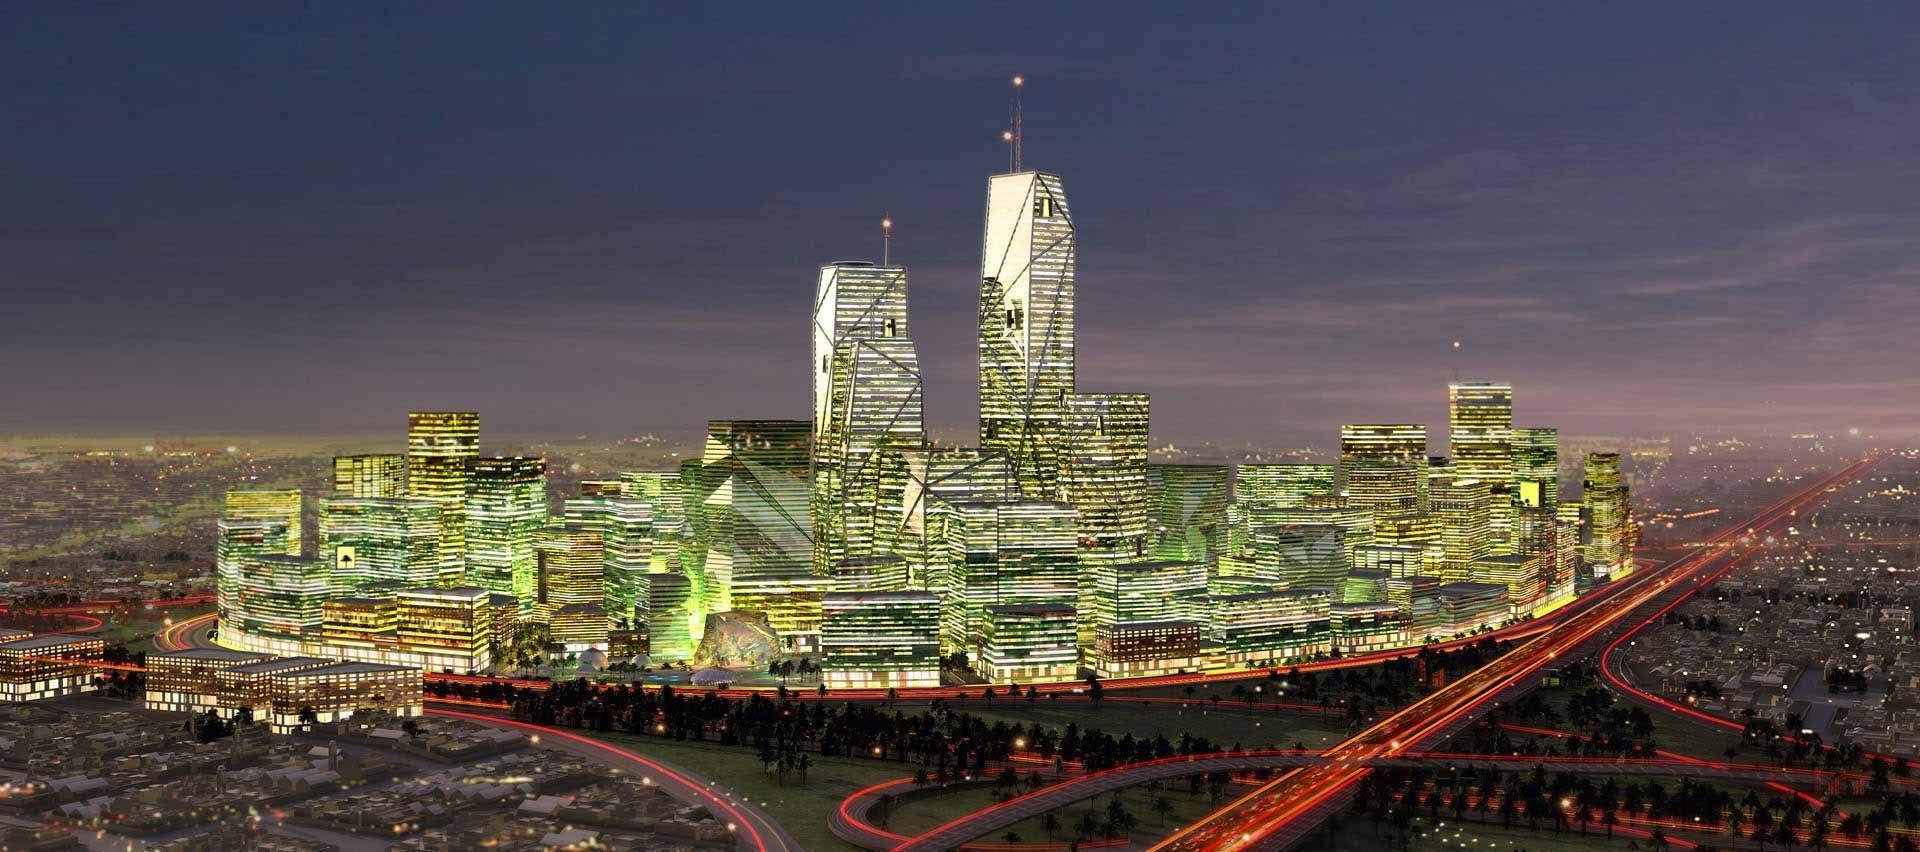 برج مركز الملك عبد الله المالي